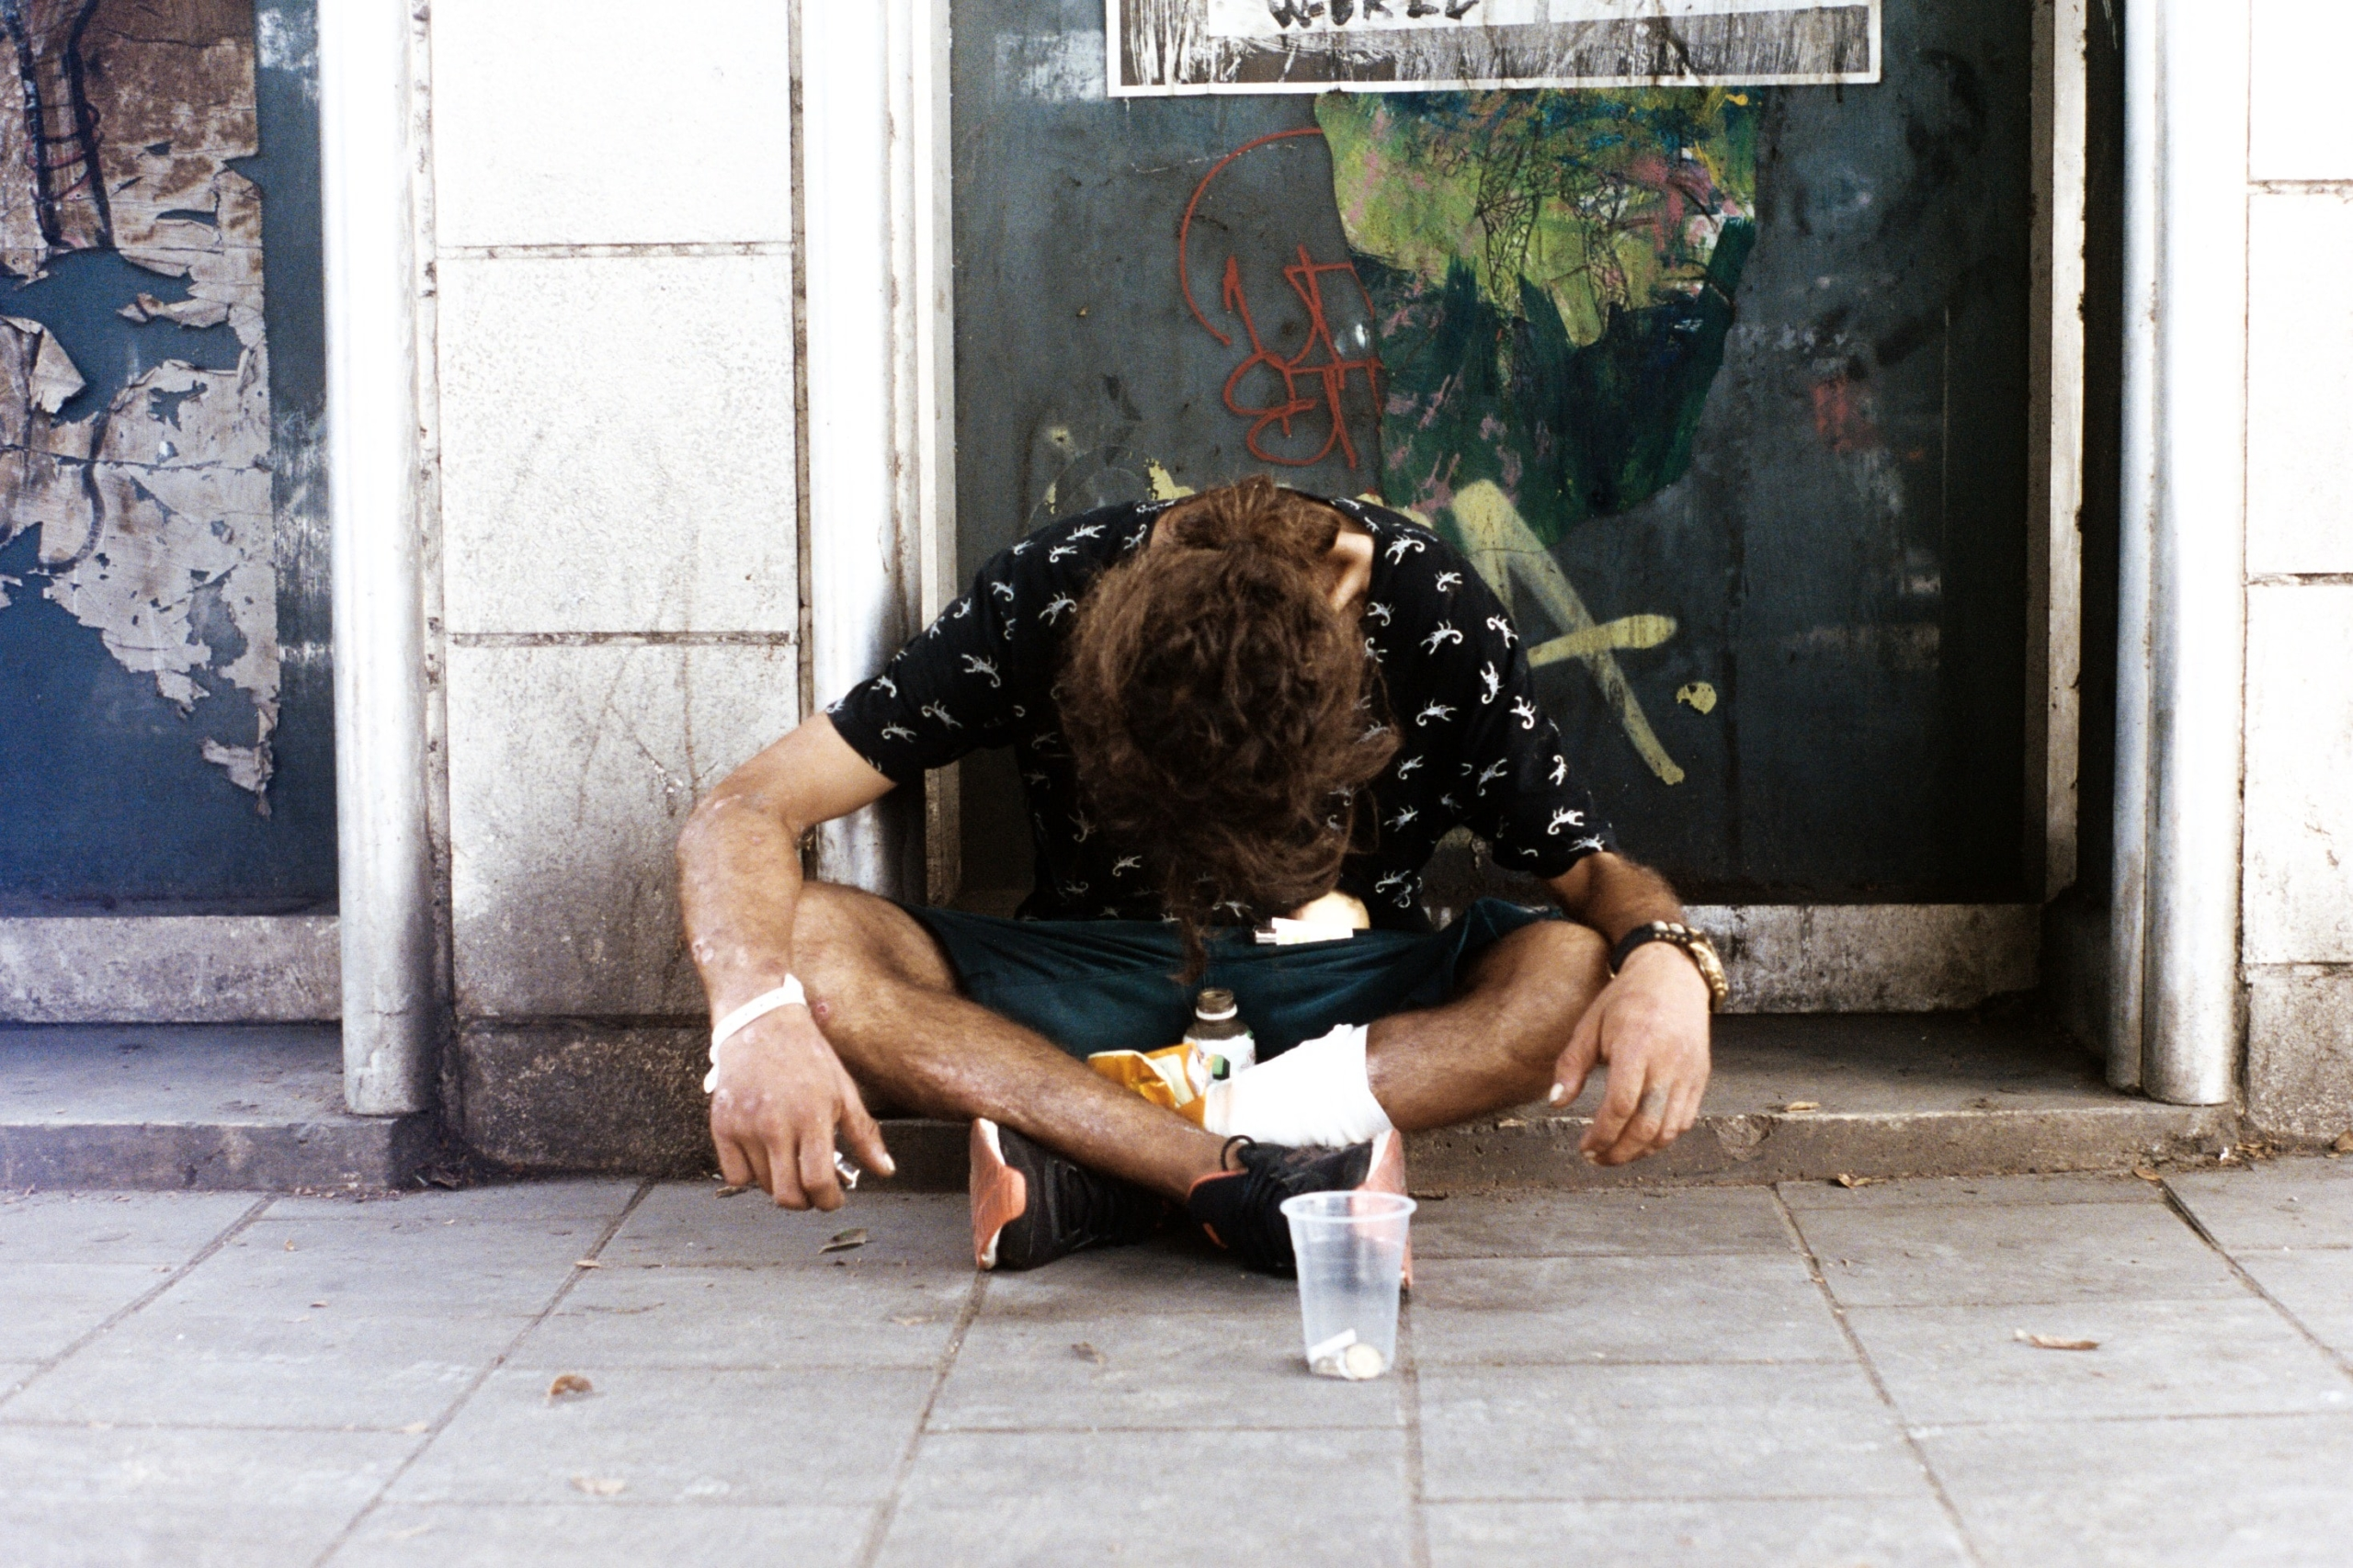 חסר בית בתל אביב   צילום: איתי רון. למצולם אין קשר לכתבה